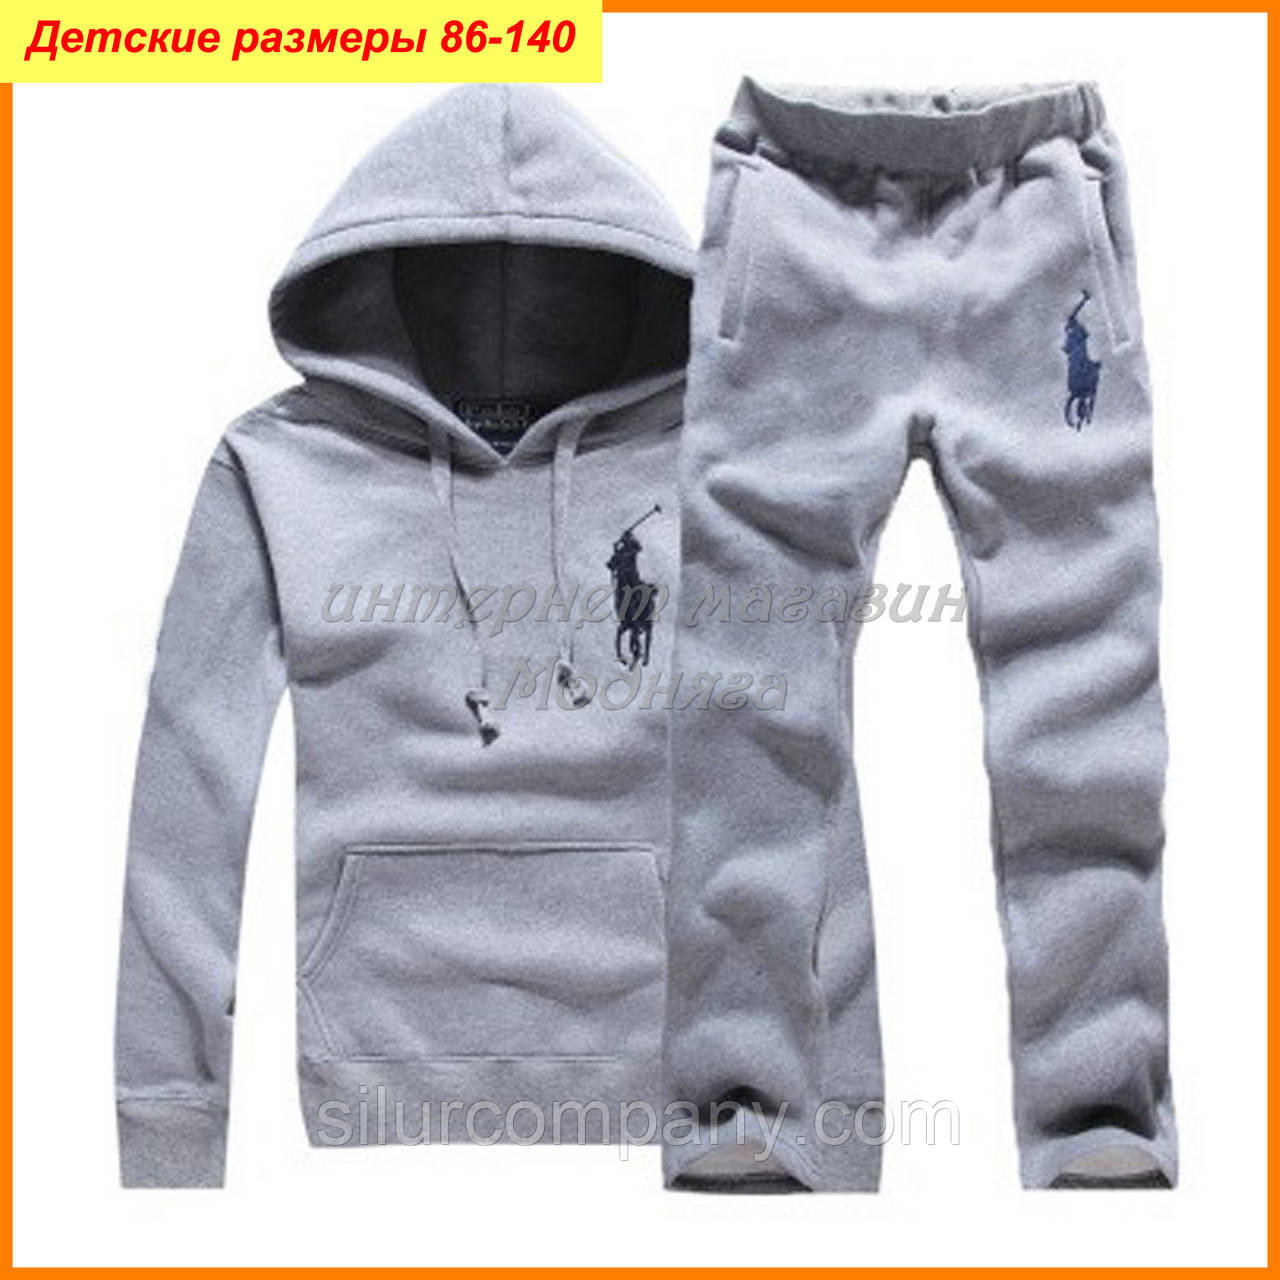 787c2cde7068 Детский спортивный костюм недорого интернет-магазин  продажа, цена в ...